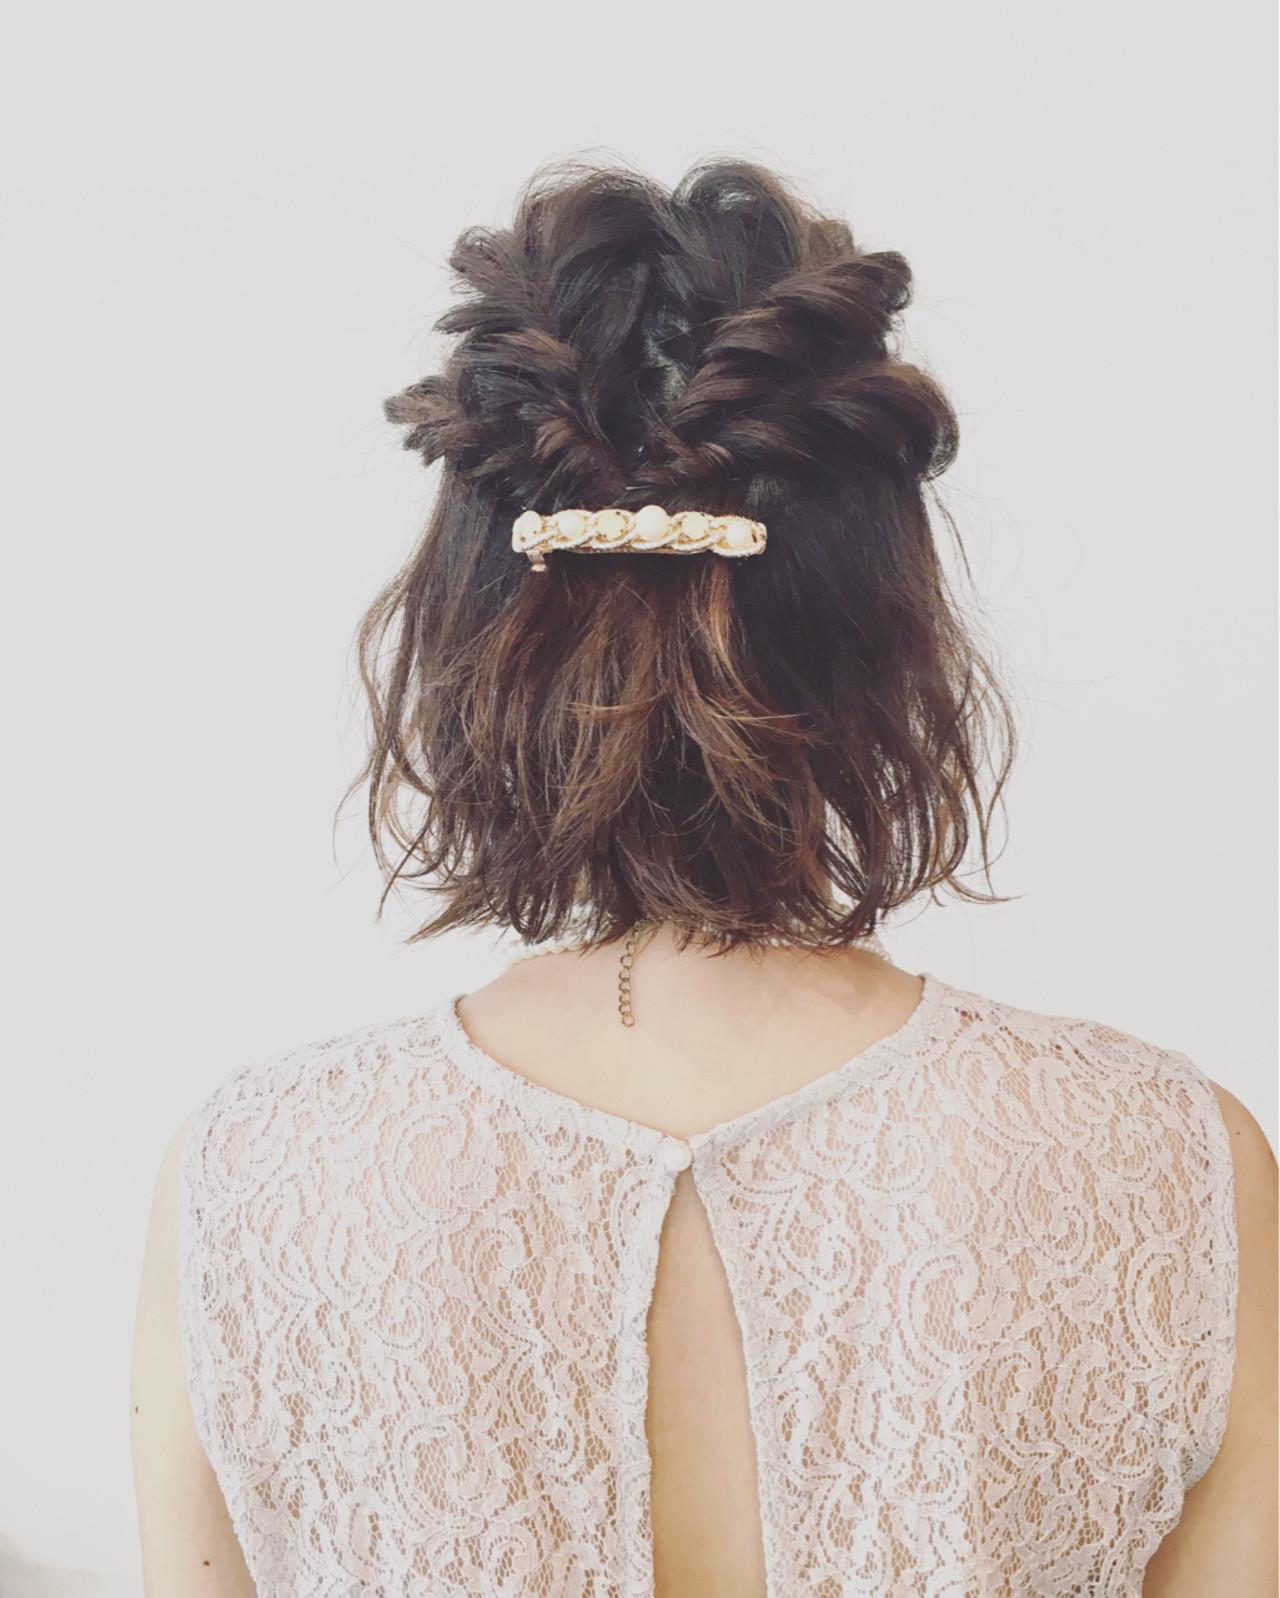 編み込み ハーフアップ ヘアアレンジ パーティ ヘアスタイルや髪型の写真・画像 | 三好 佳奈美 / Baco.(バコ)